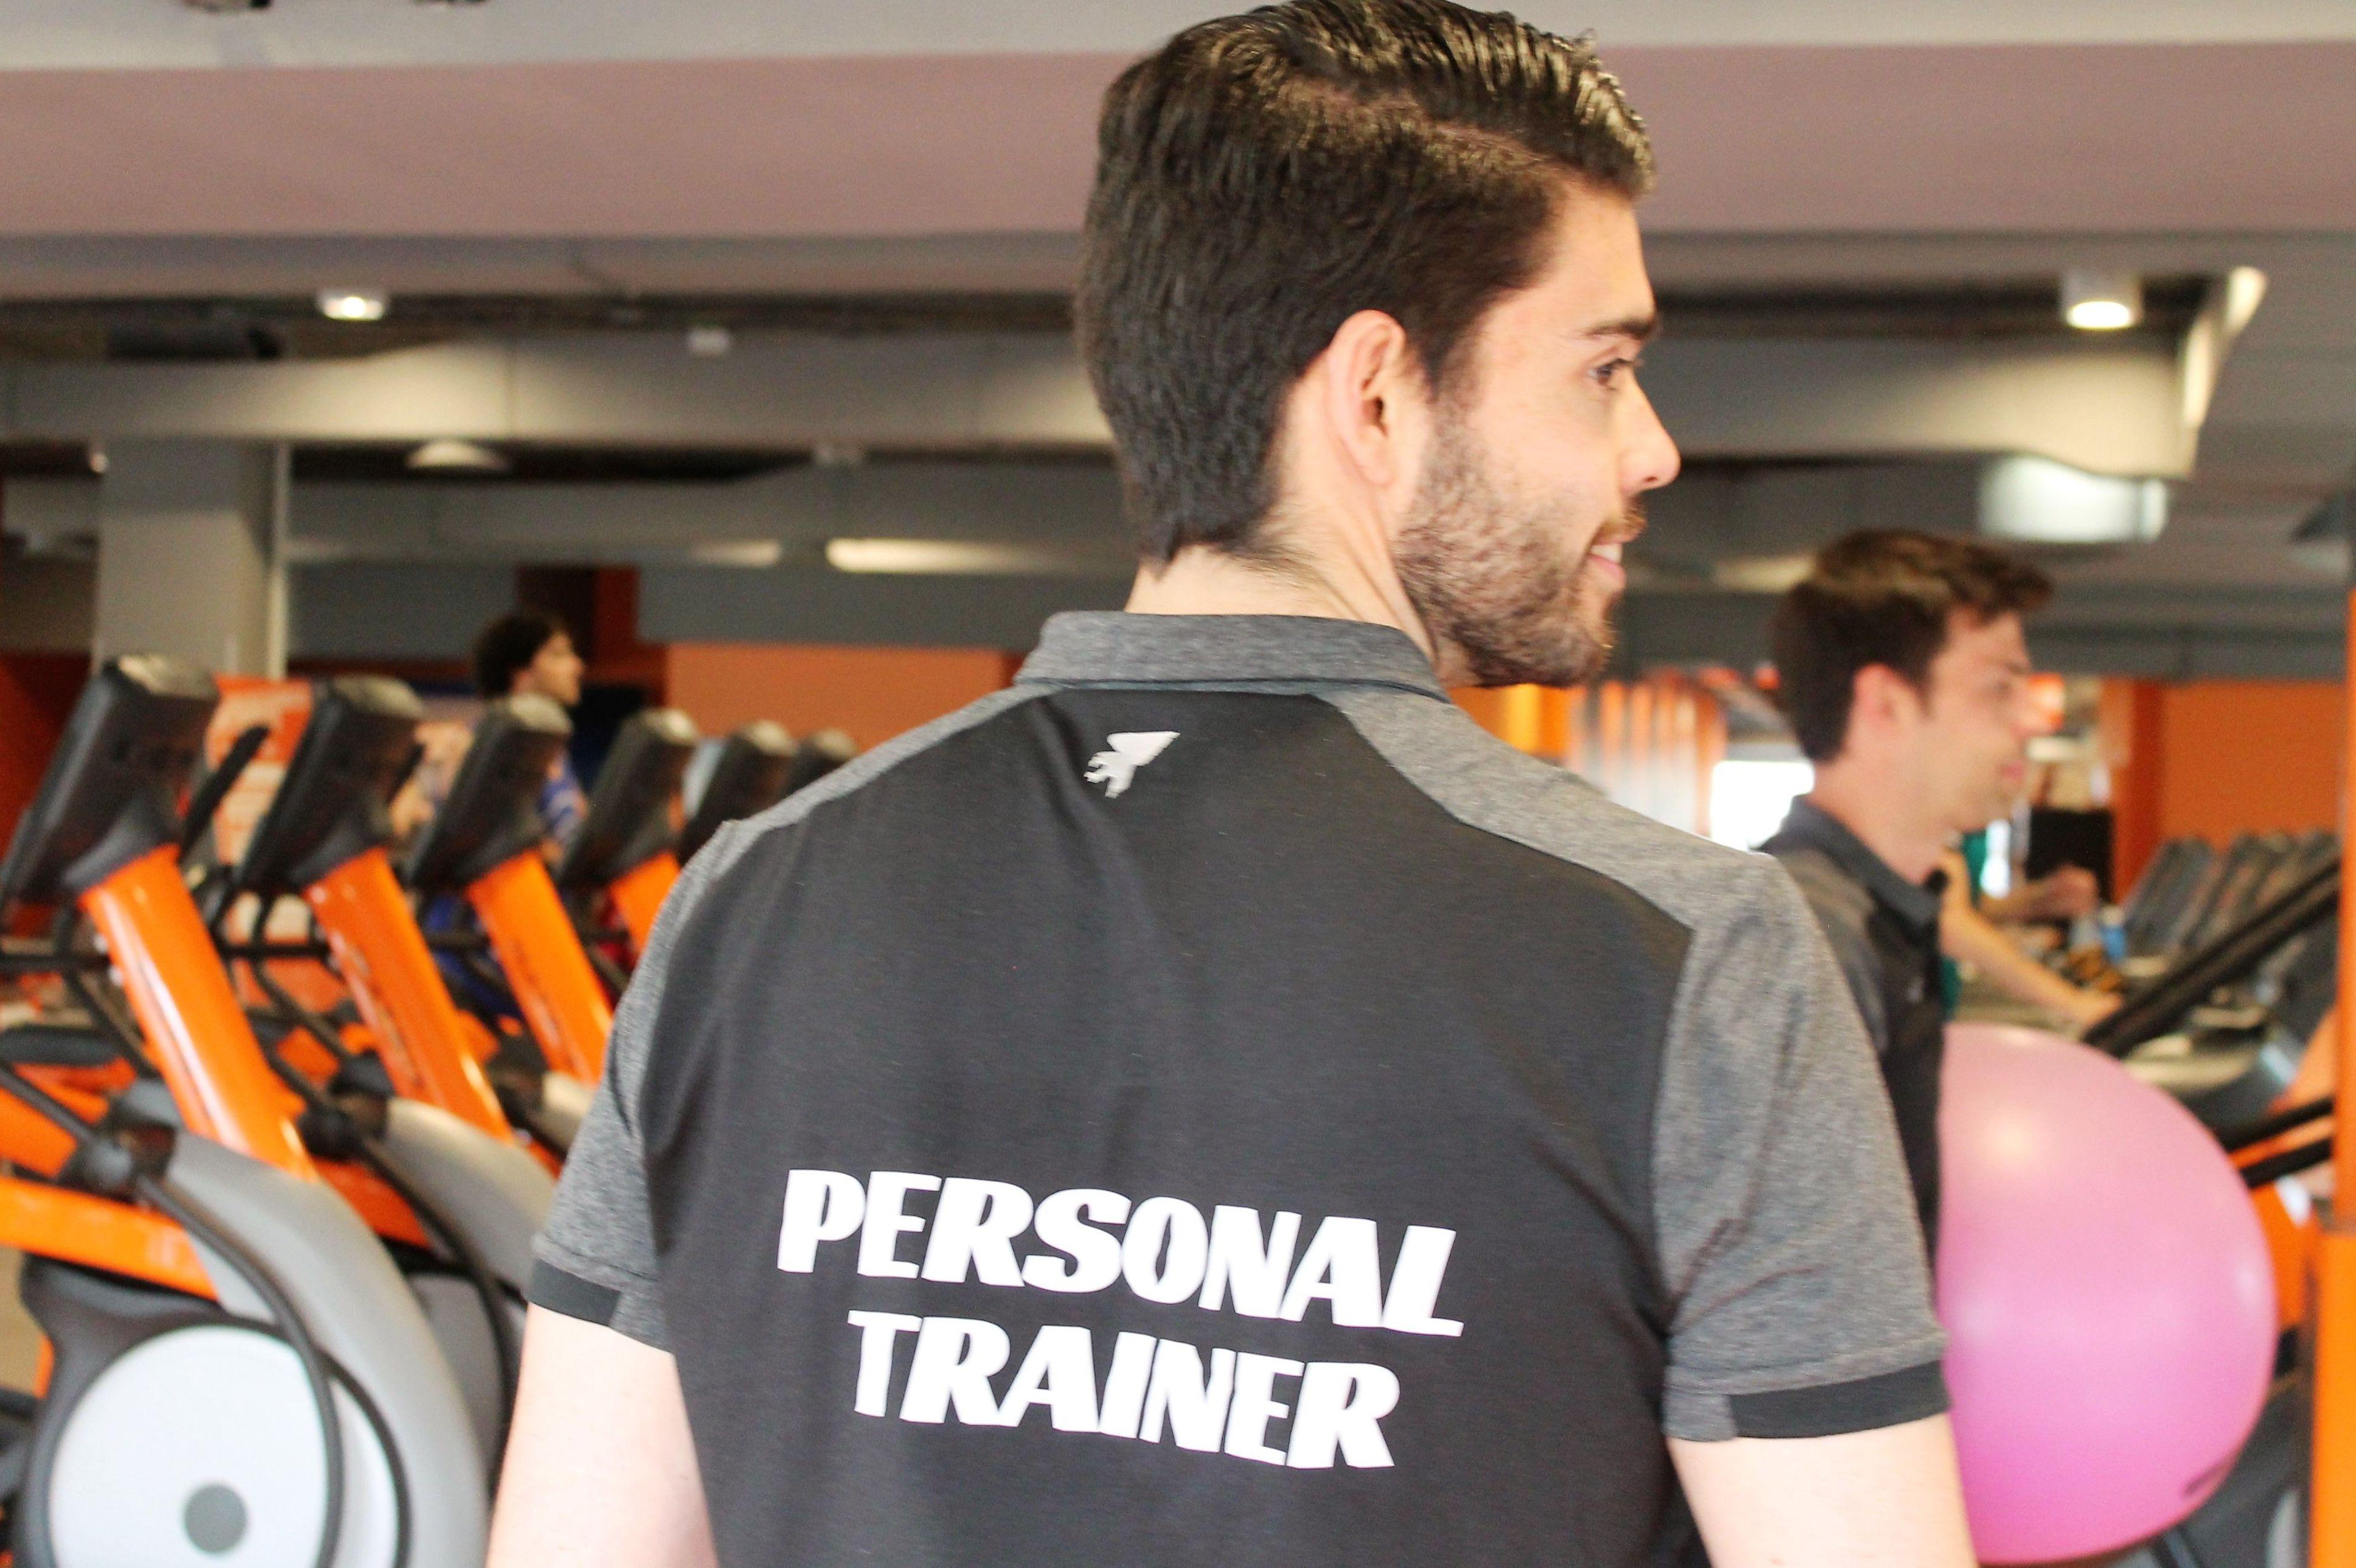 Foto 63 de Centro especializado en entrenamientos deportivos en Madrid | Isfit24